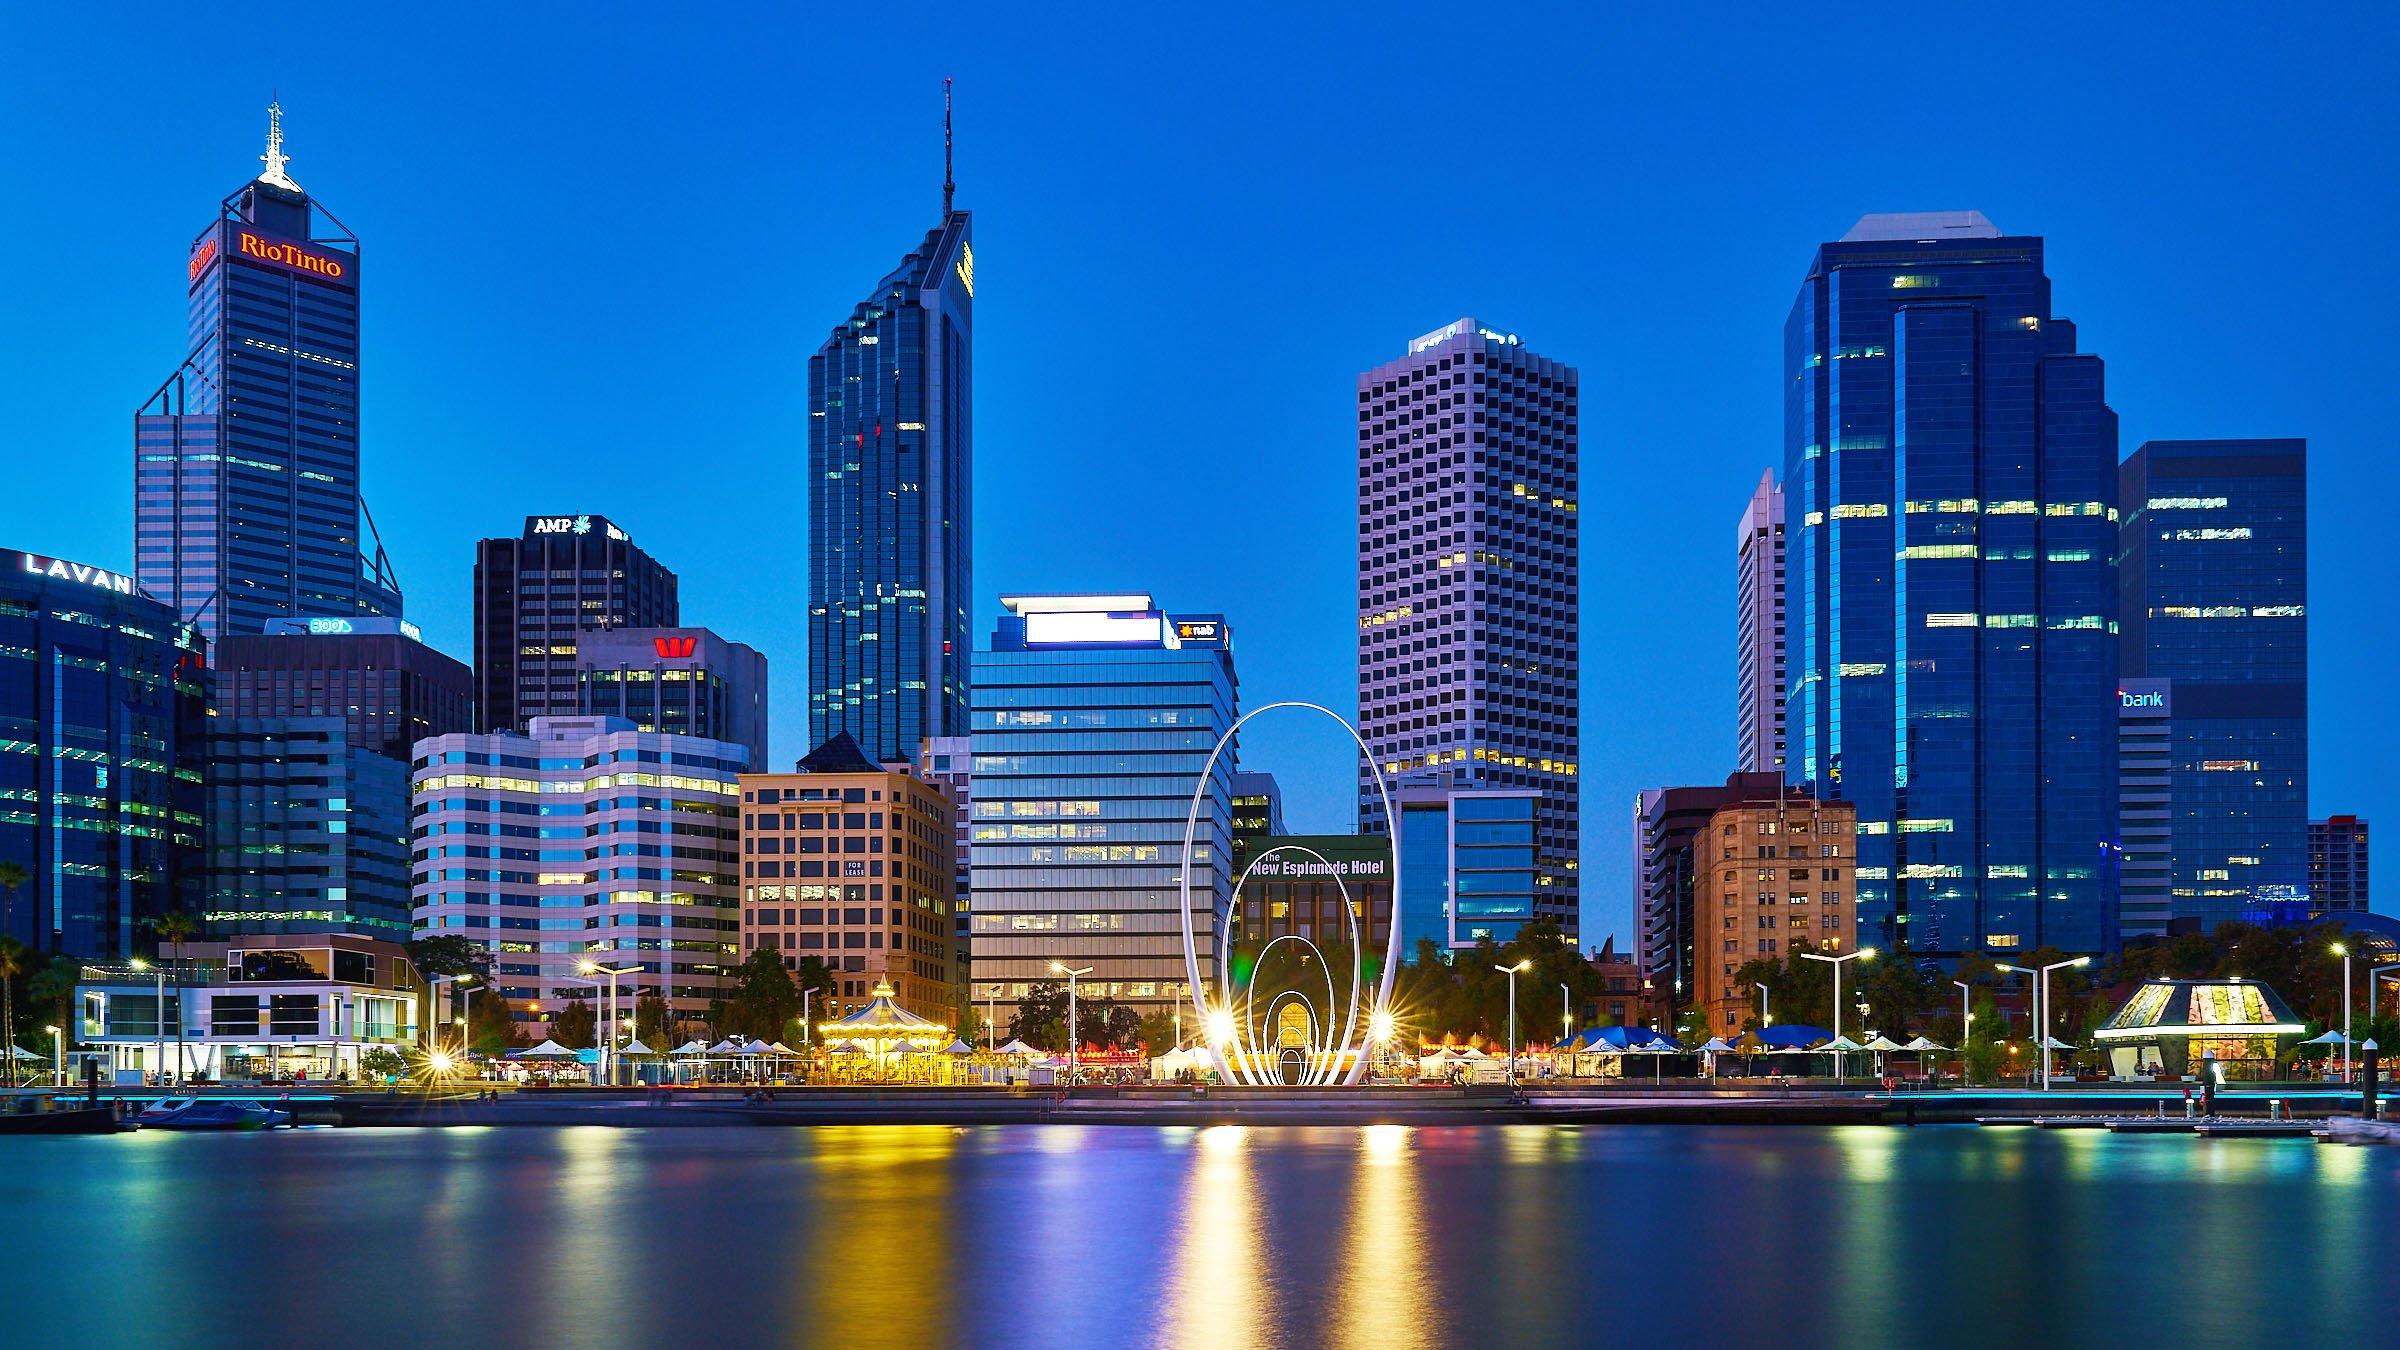 La ciudad de Perths en Australia